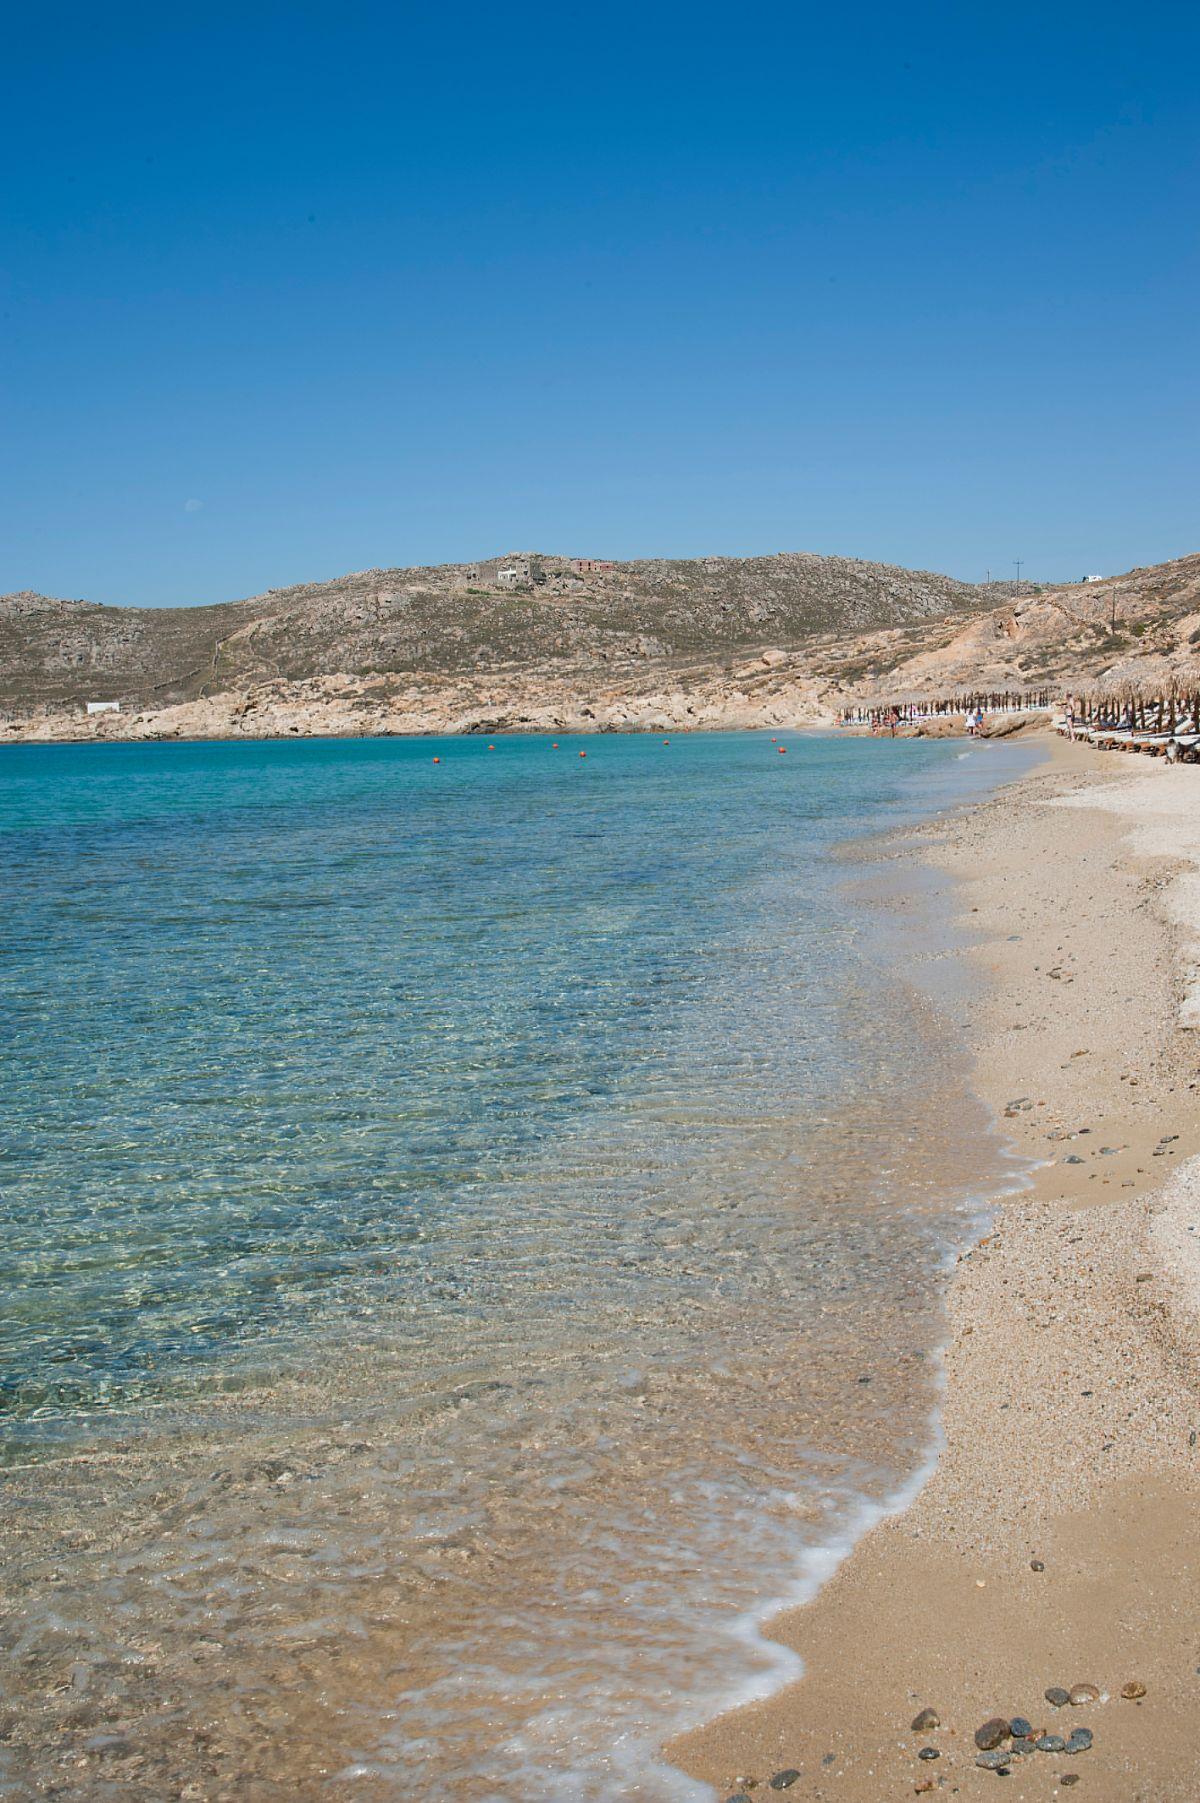 Ελιά, η μεγάλη αμμουδερή παραλία της Μυκόνου που πρέπει να επισκεφτείτε